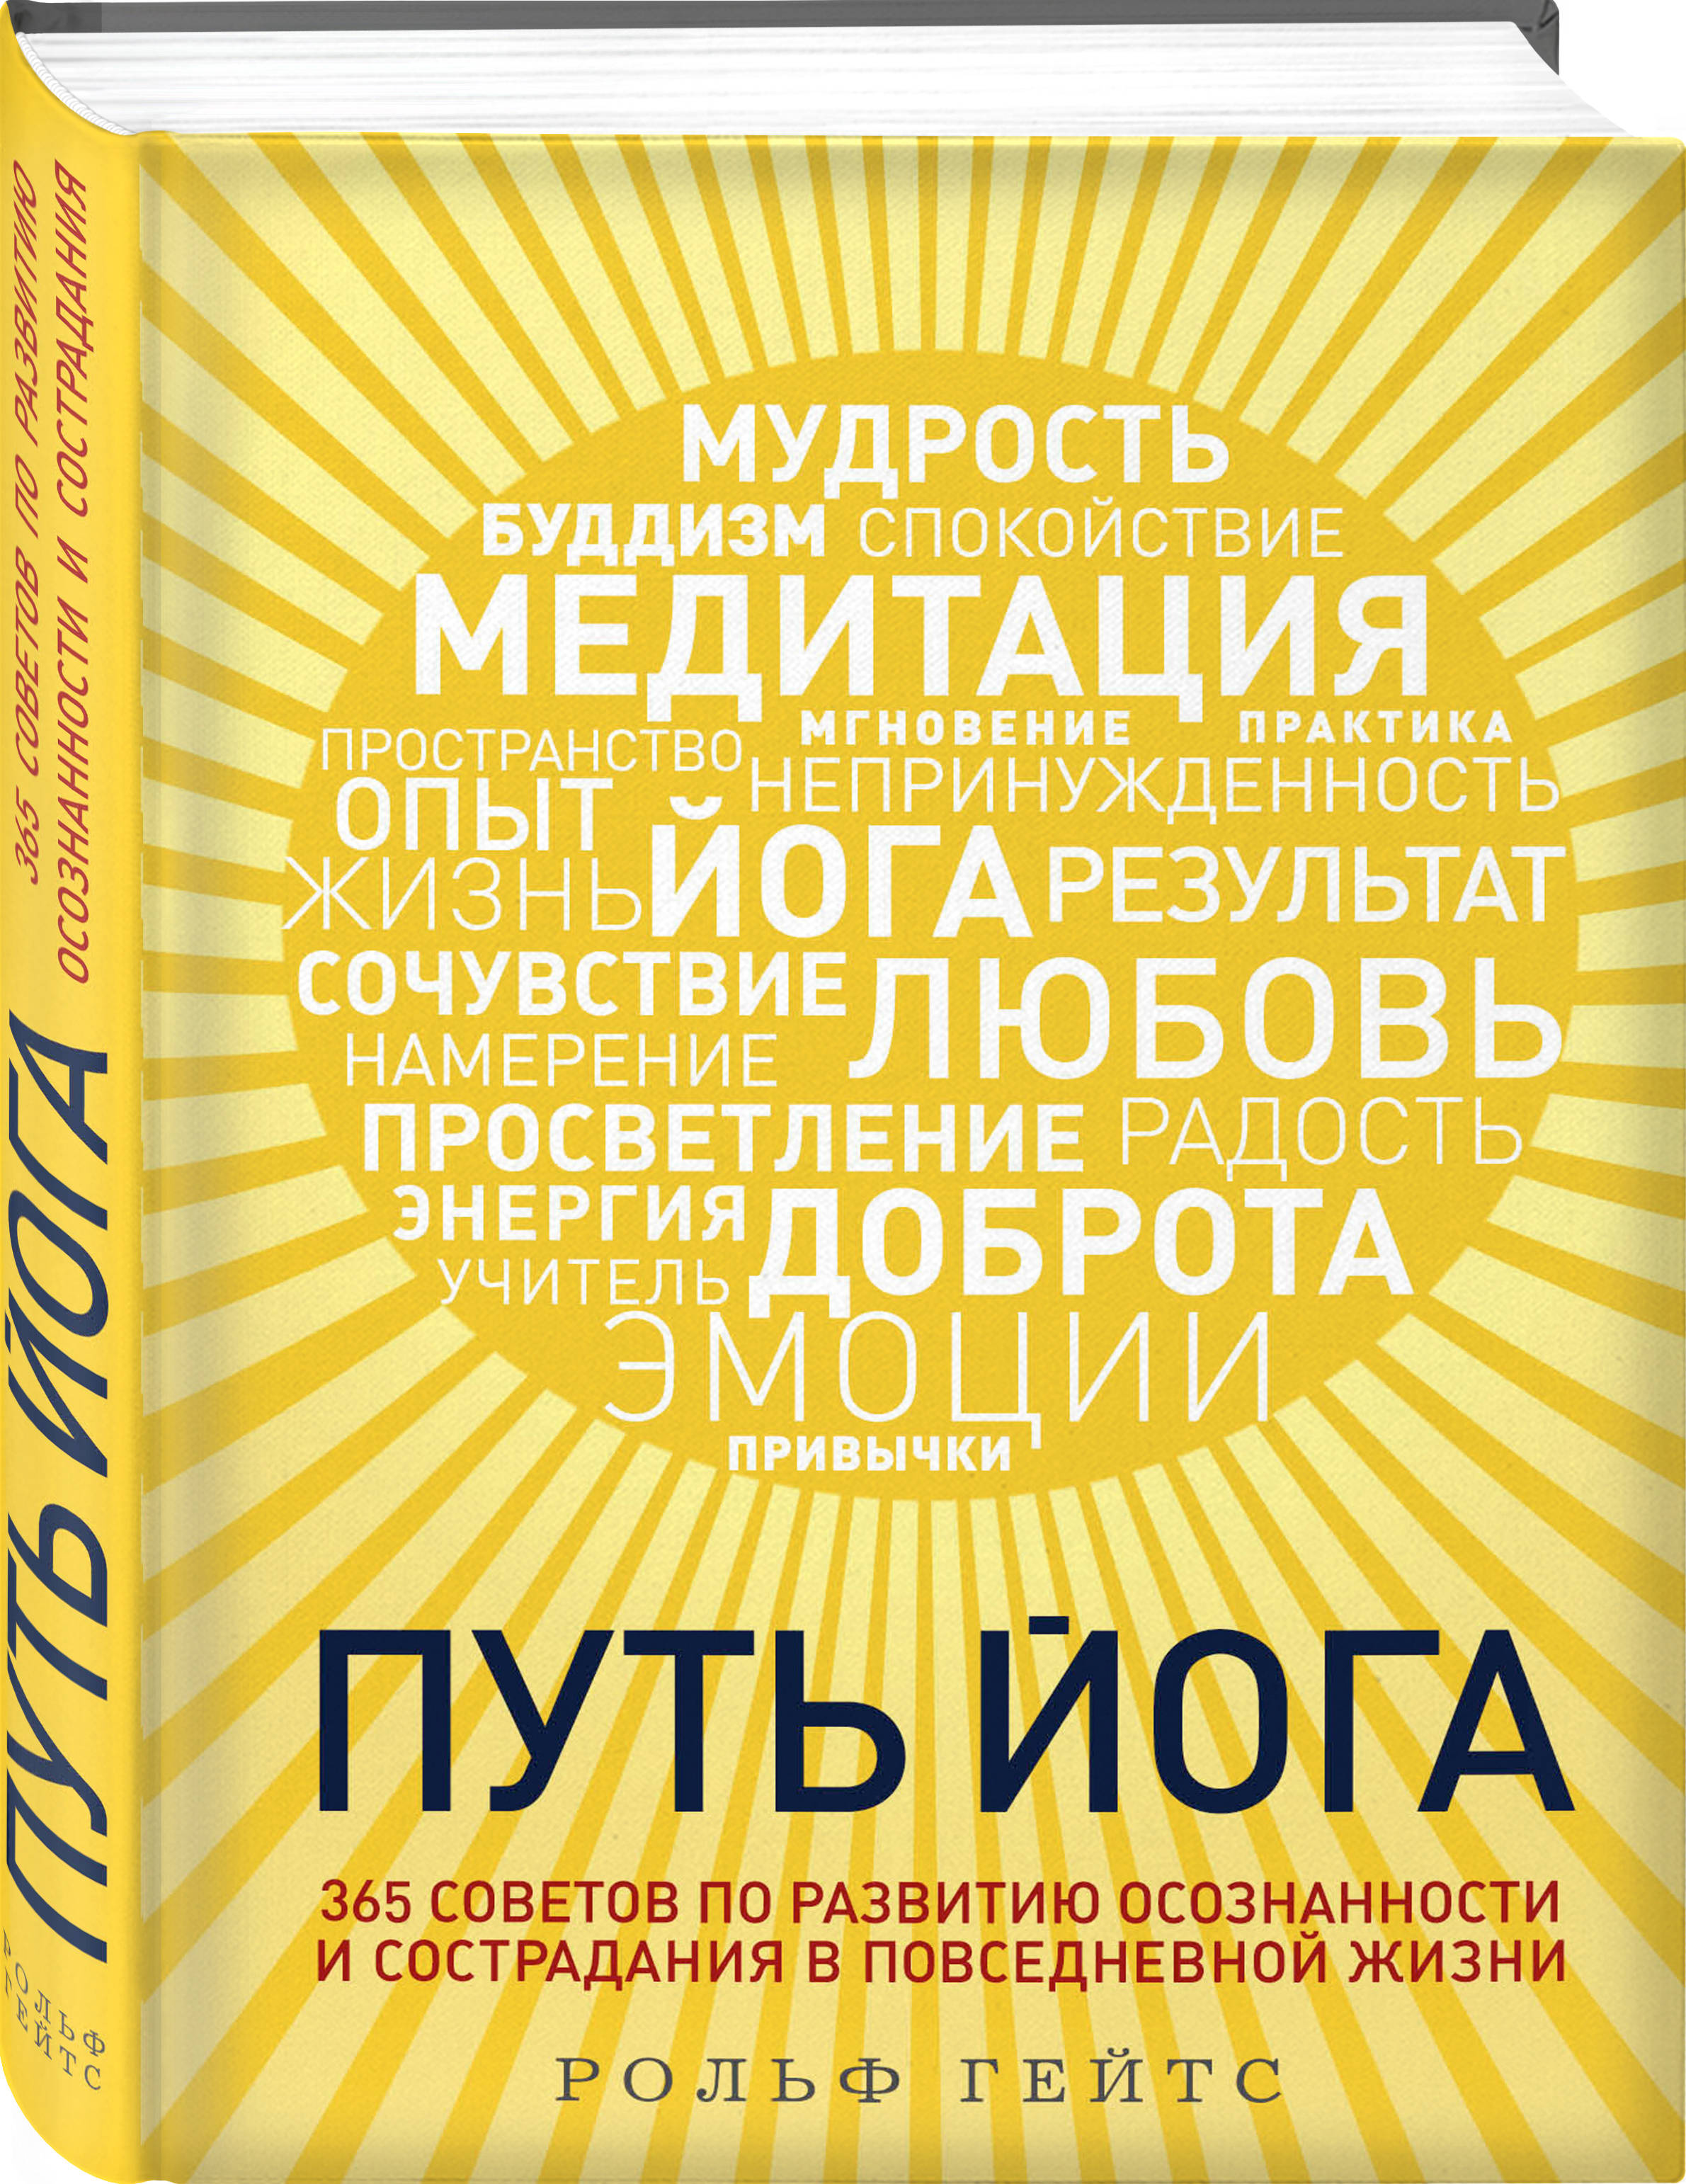 Путь йога. 365 советов по развитию осознанности и сострадания в повседневной жизни ( Гейтс Рольф  )